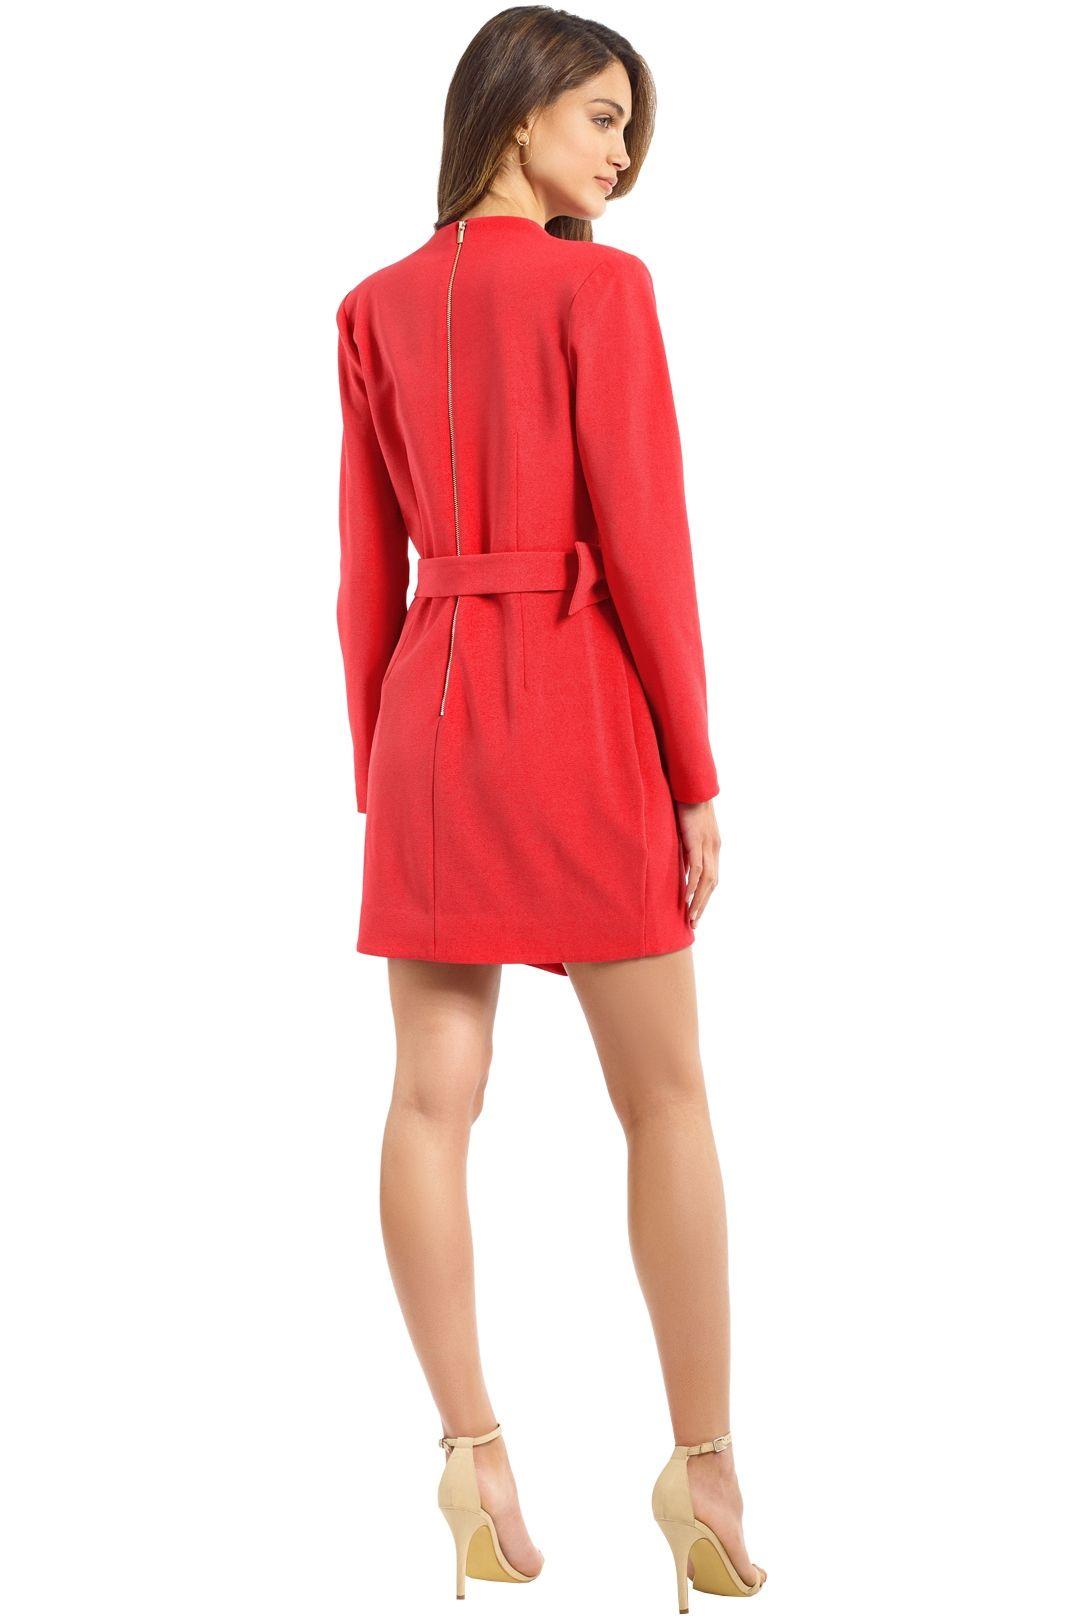 Rebecca Vallance - Domingo V LS Mini Dress - Calyspo - Back